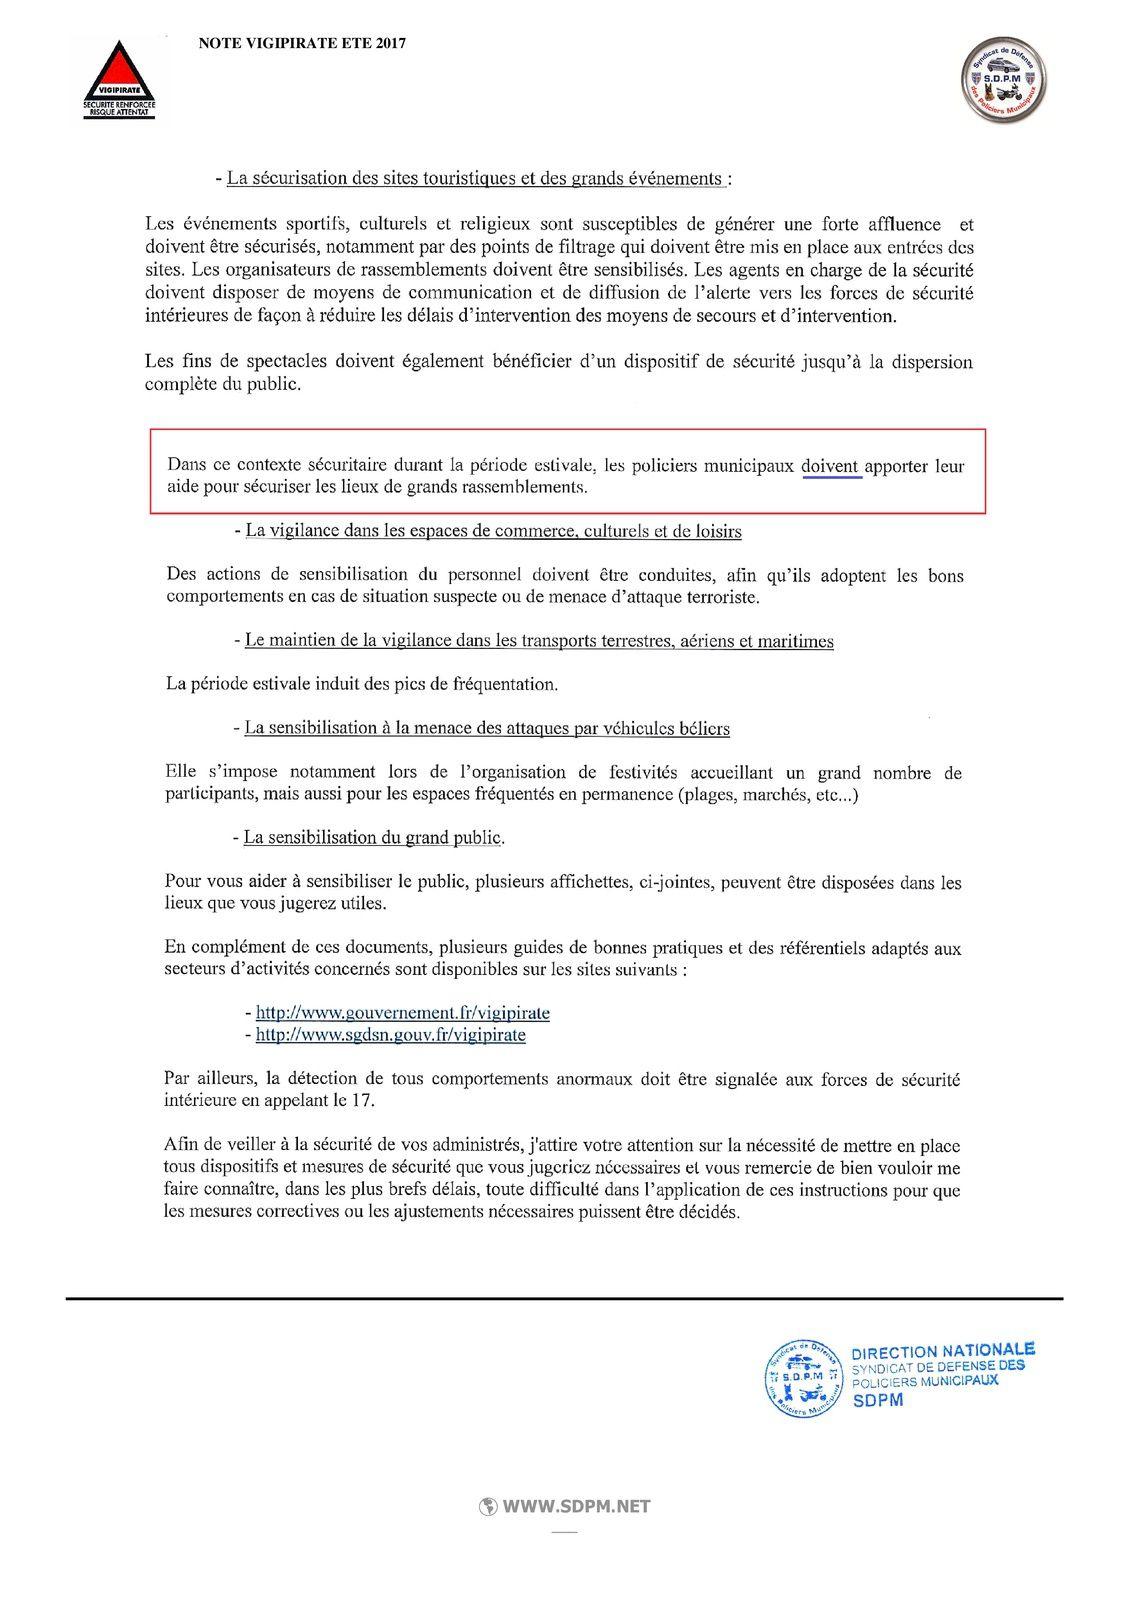 Circulaire Posture Vigipirate Eté 2017 - à l'attention des maires et des policiers municipaux